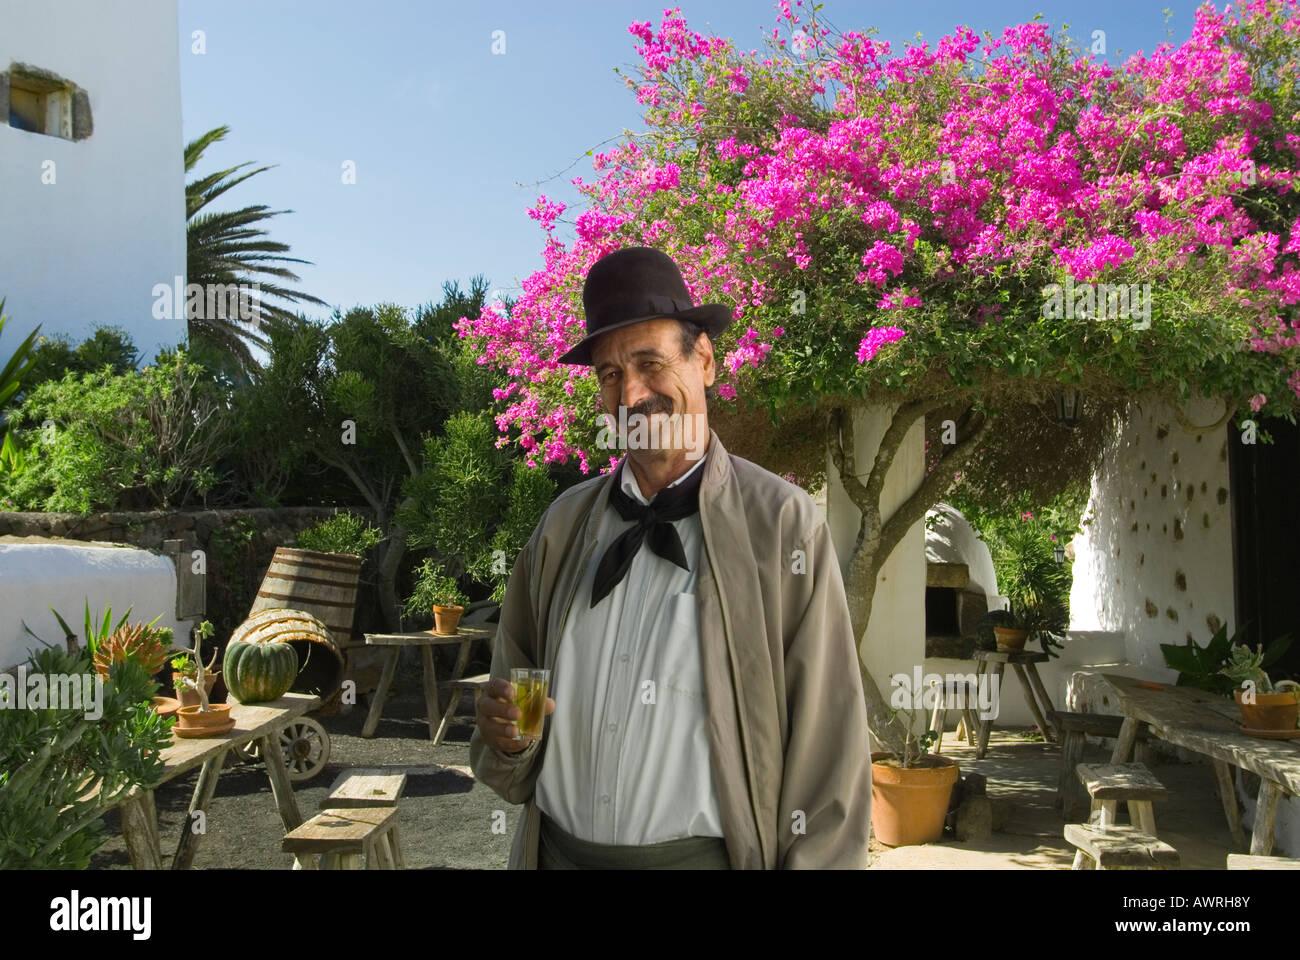 Winzer außerhalb seiner typischen sonnigen Bodega mit einem Glas Lanzarote weißen Malvasia Wein, Lanzarote Stockbild